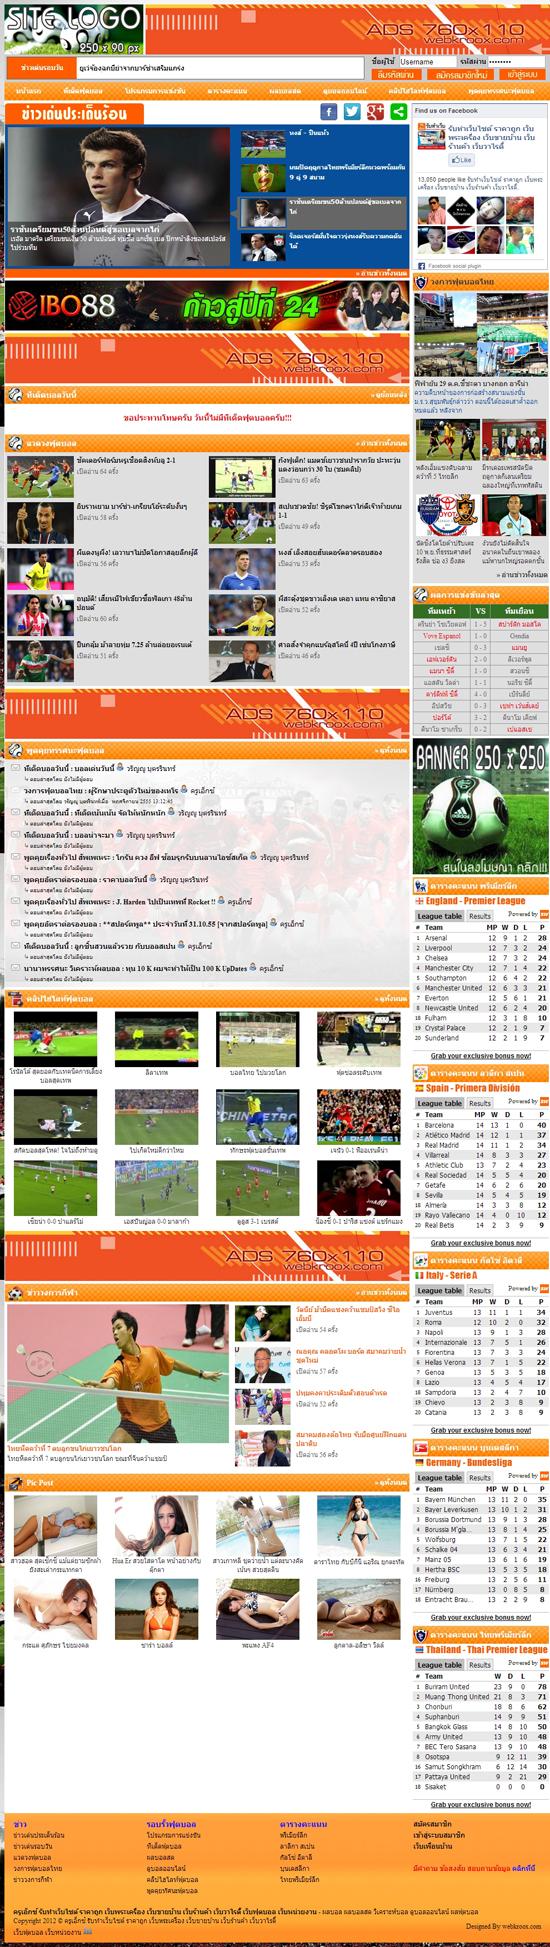 ภาพที่ 1 รับทำเว็บไซต์ ฟุตบอล ดูผลผลออนไลน์